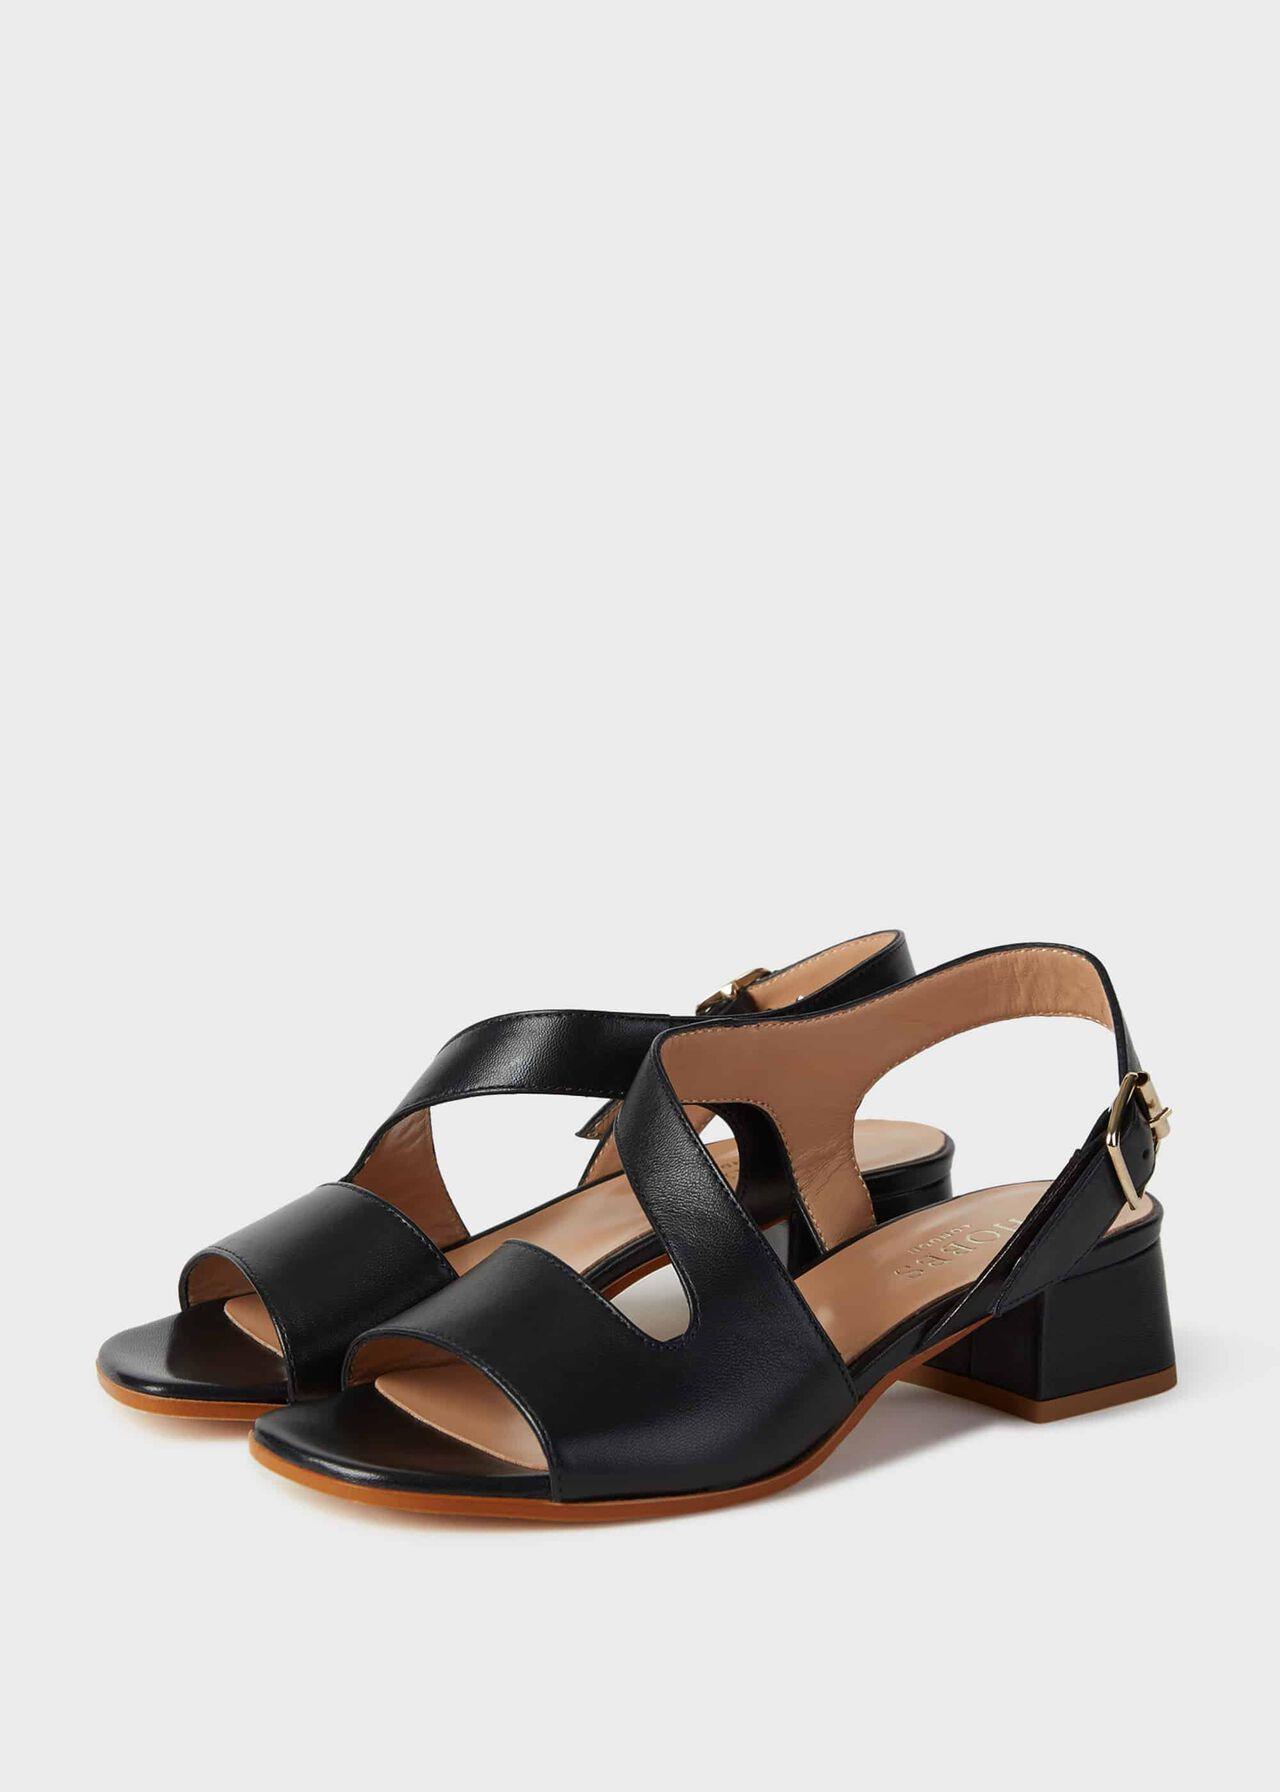 Leather Block Heel Sandals Navy